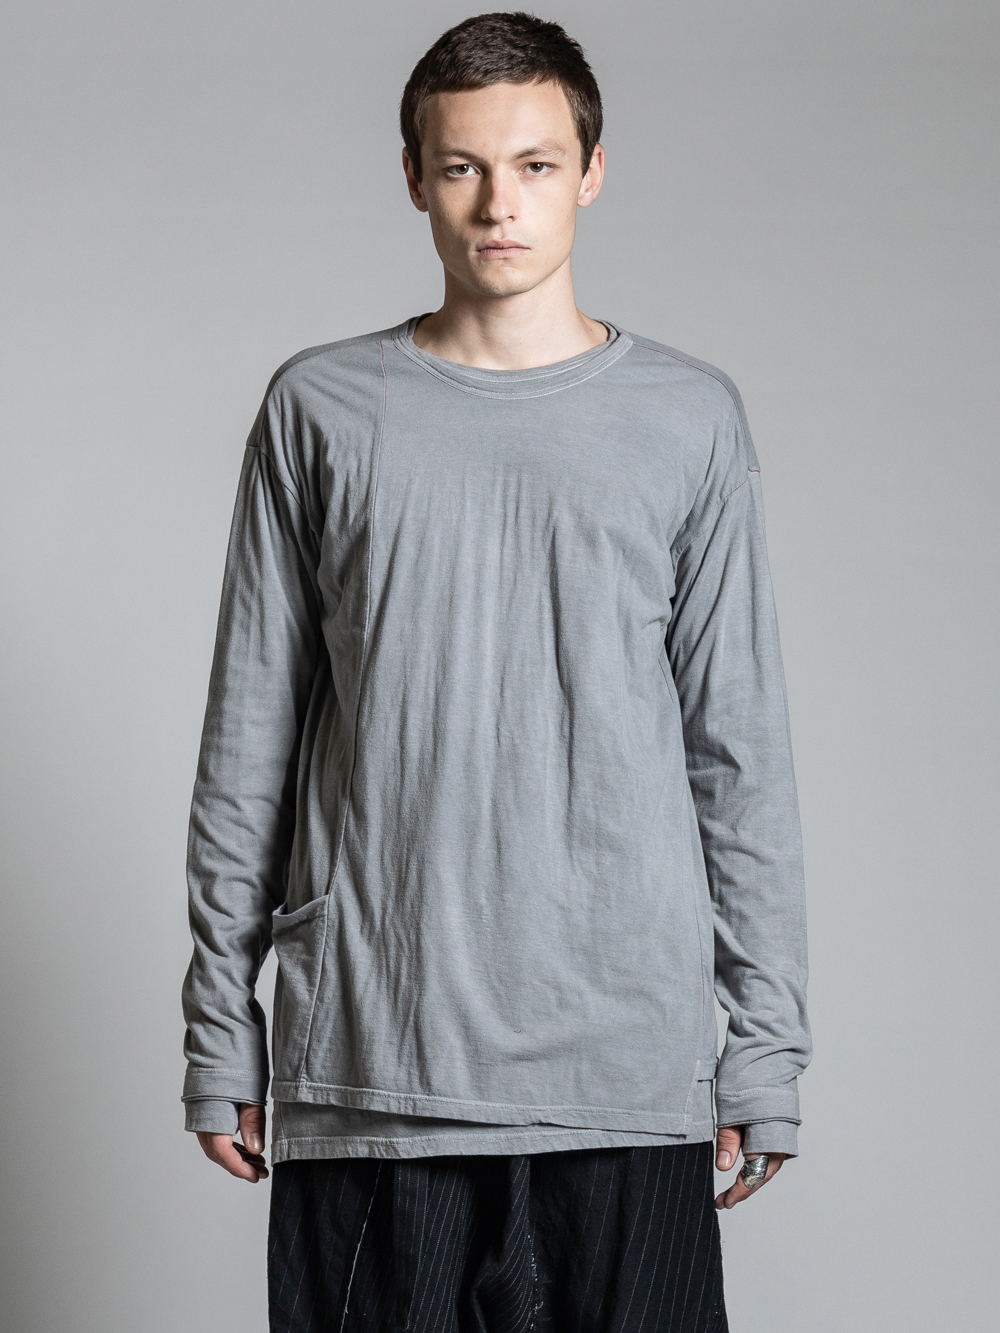 VI-2982-01 / レイヤード 長袖Tシャツ